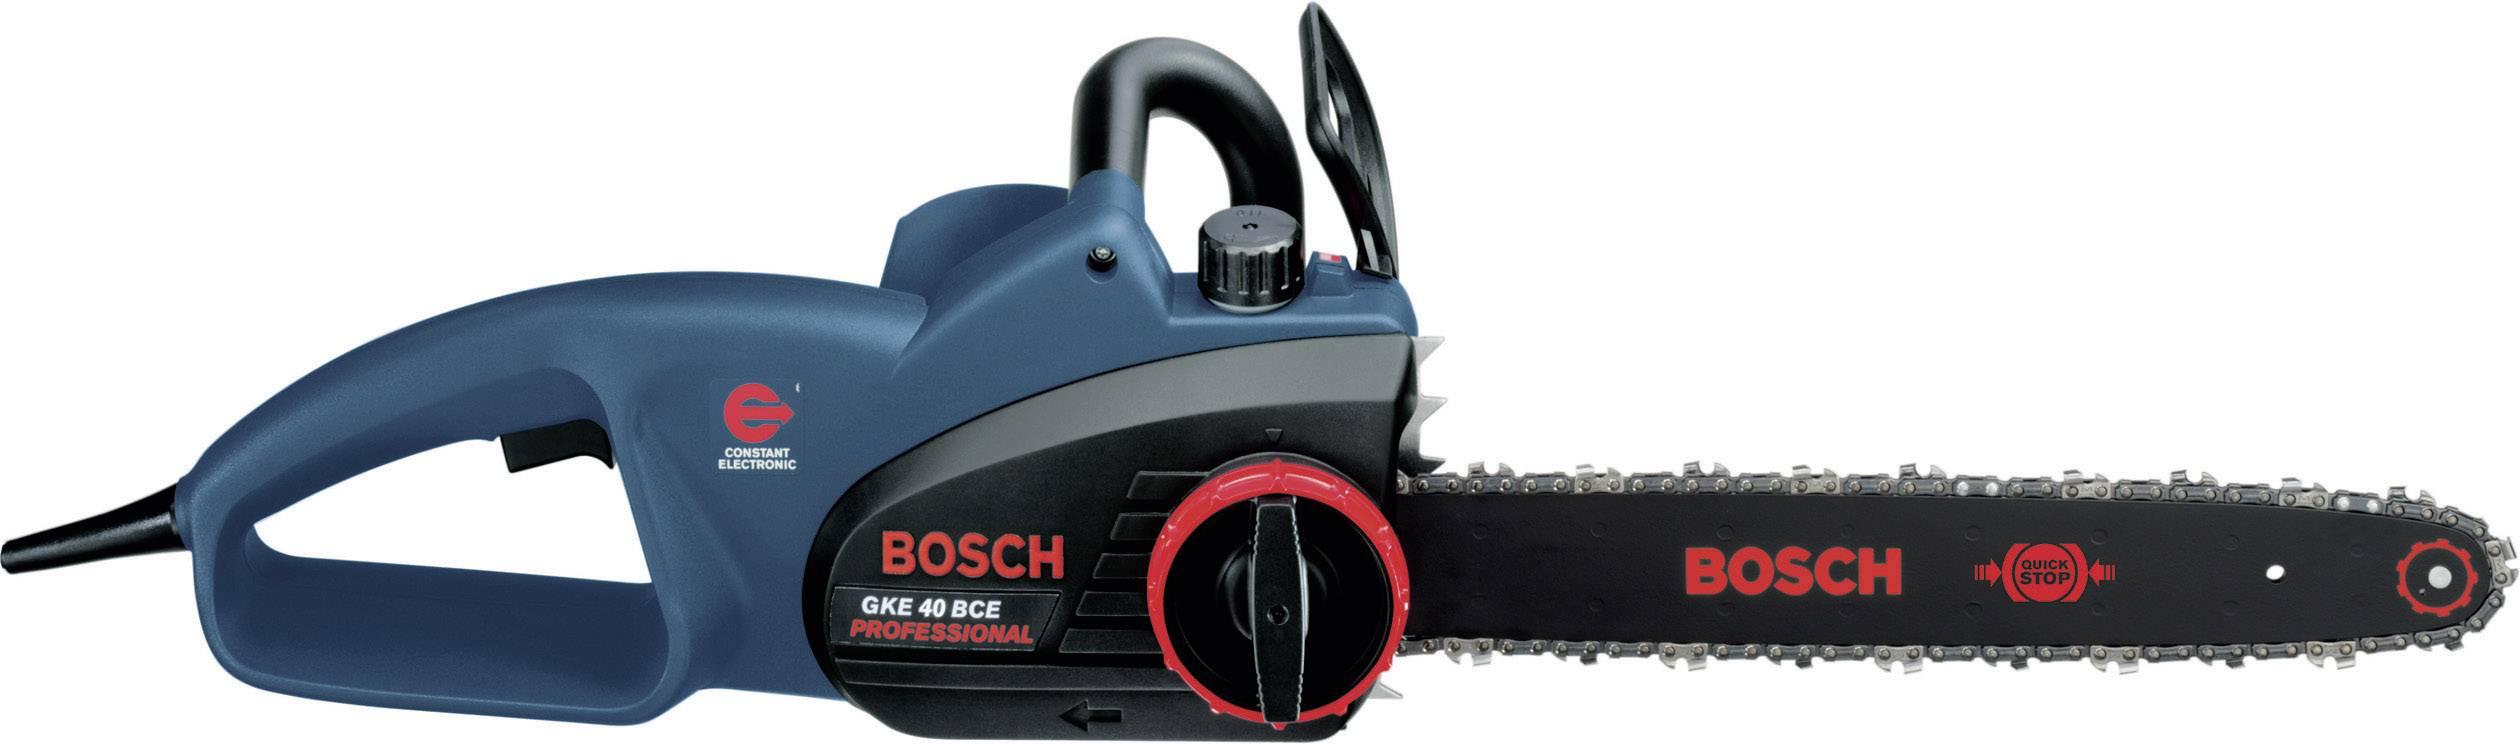 Řetězová pila Bosch GKE 40 BCE 0601597703